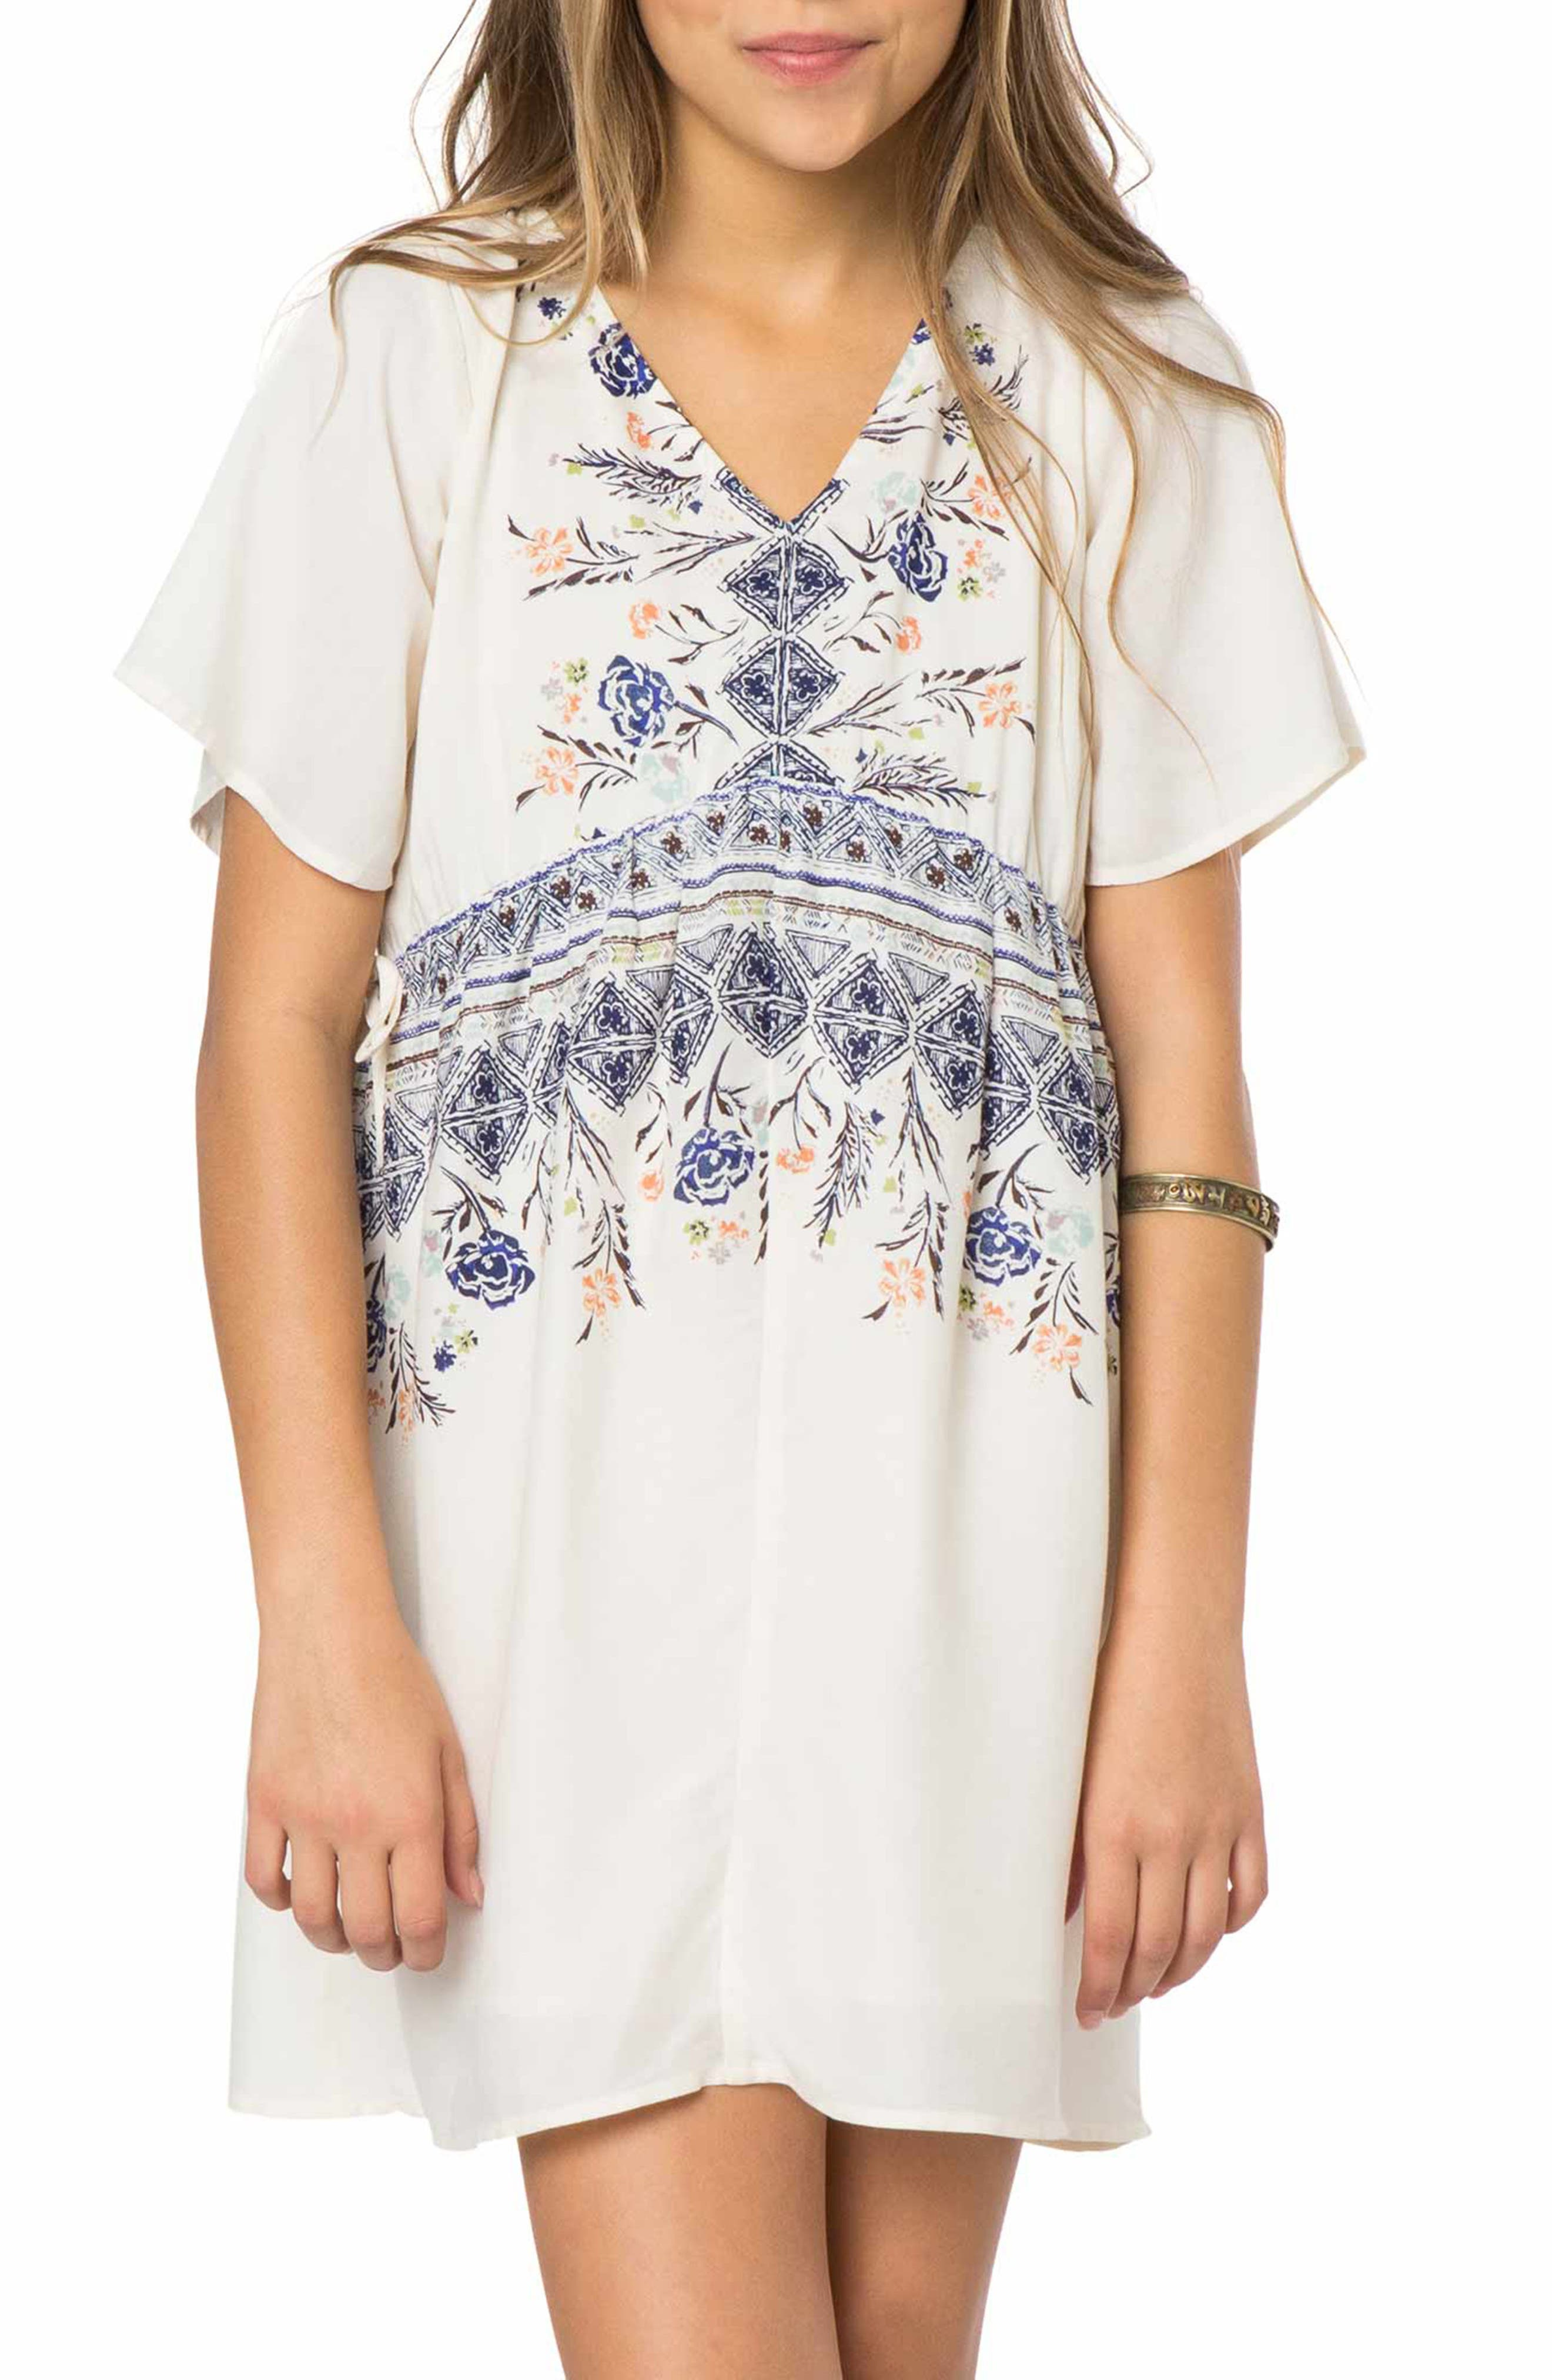 ONEILL Clover Woven Dress